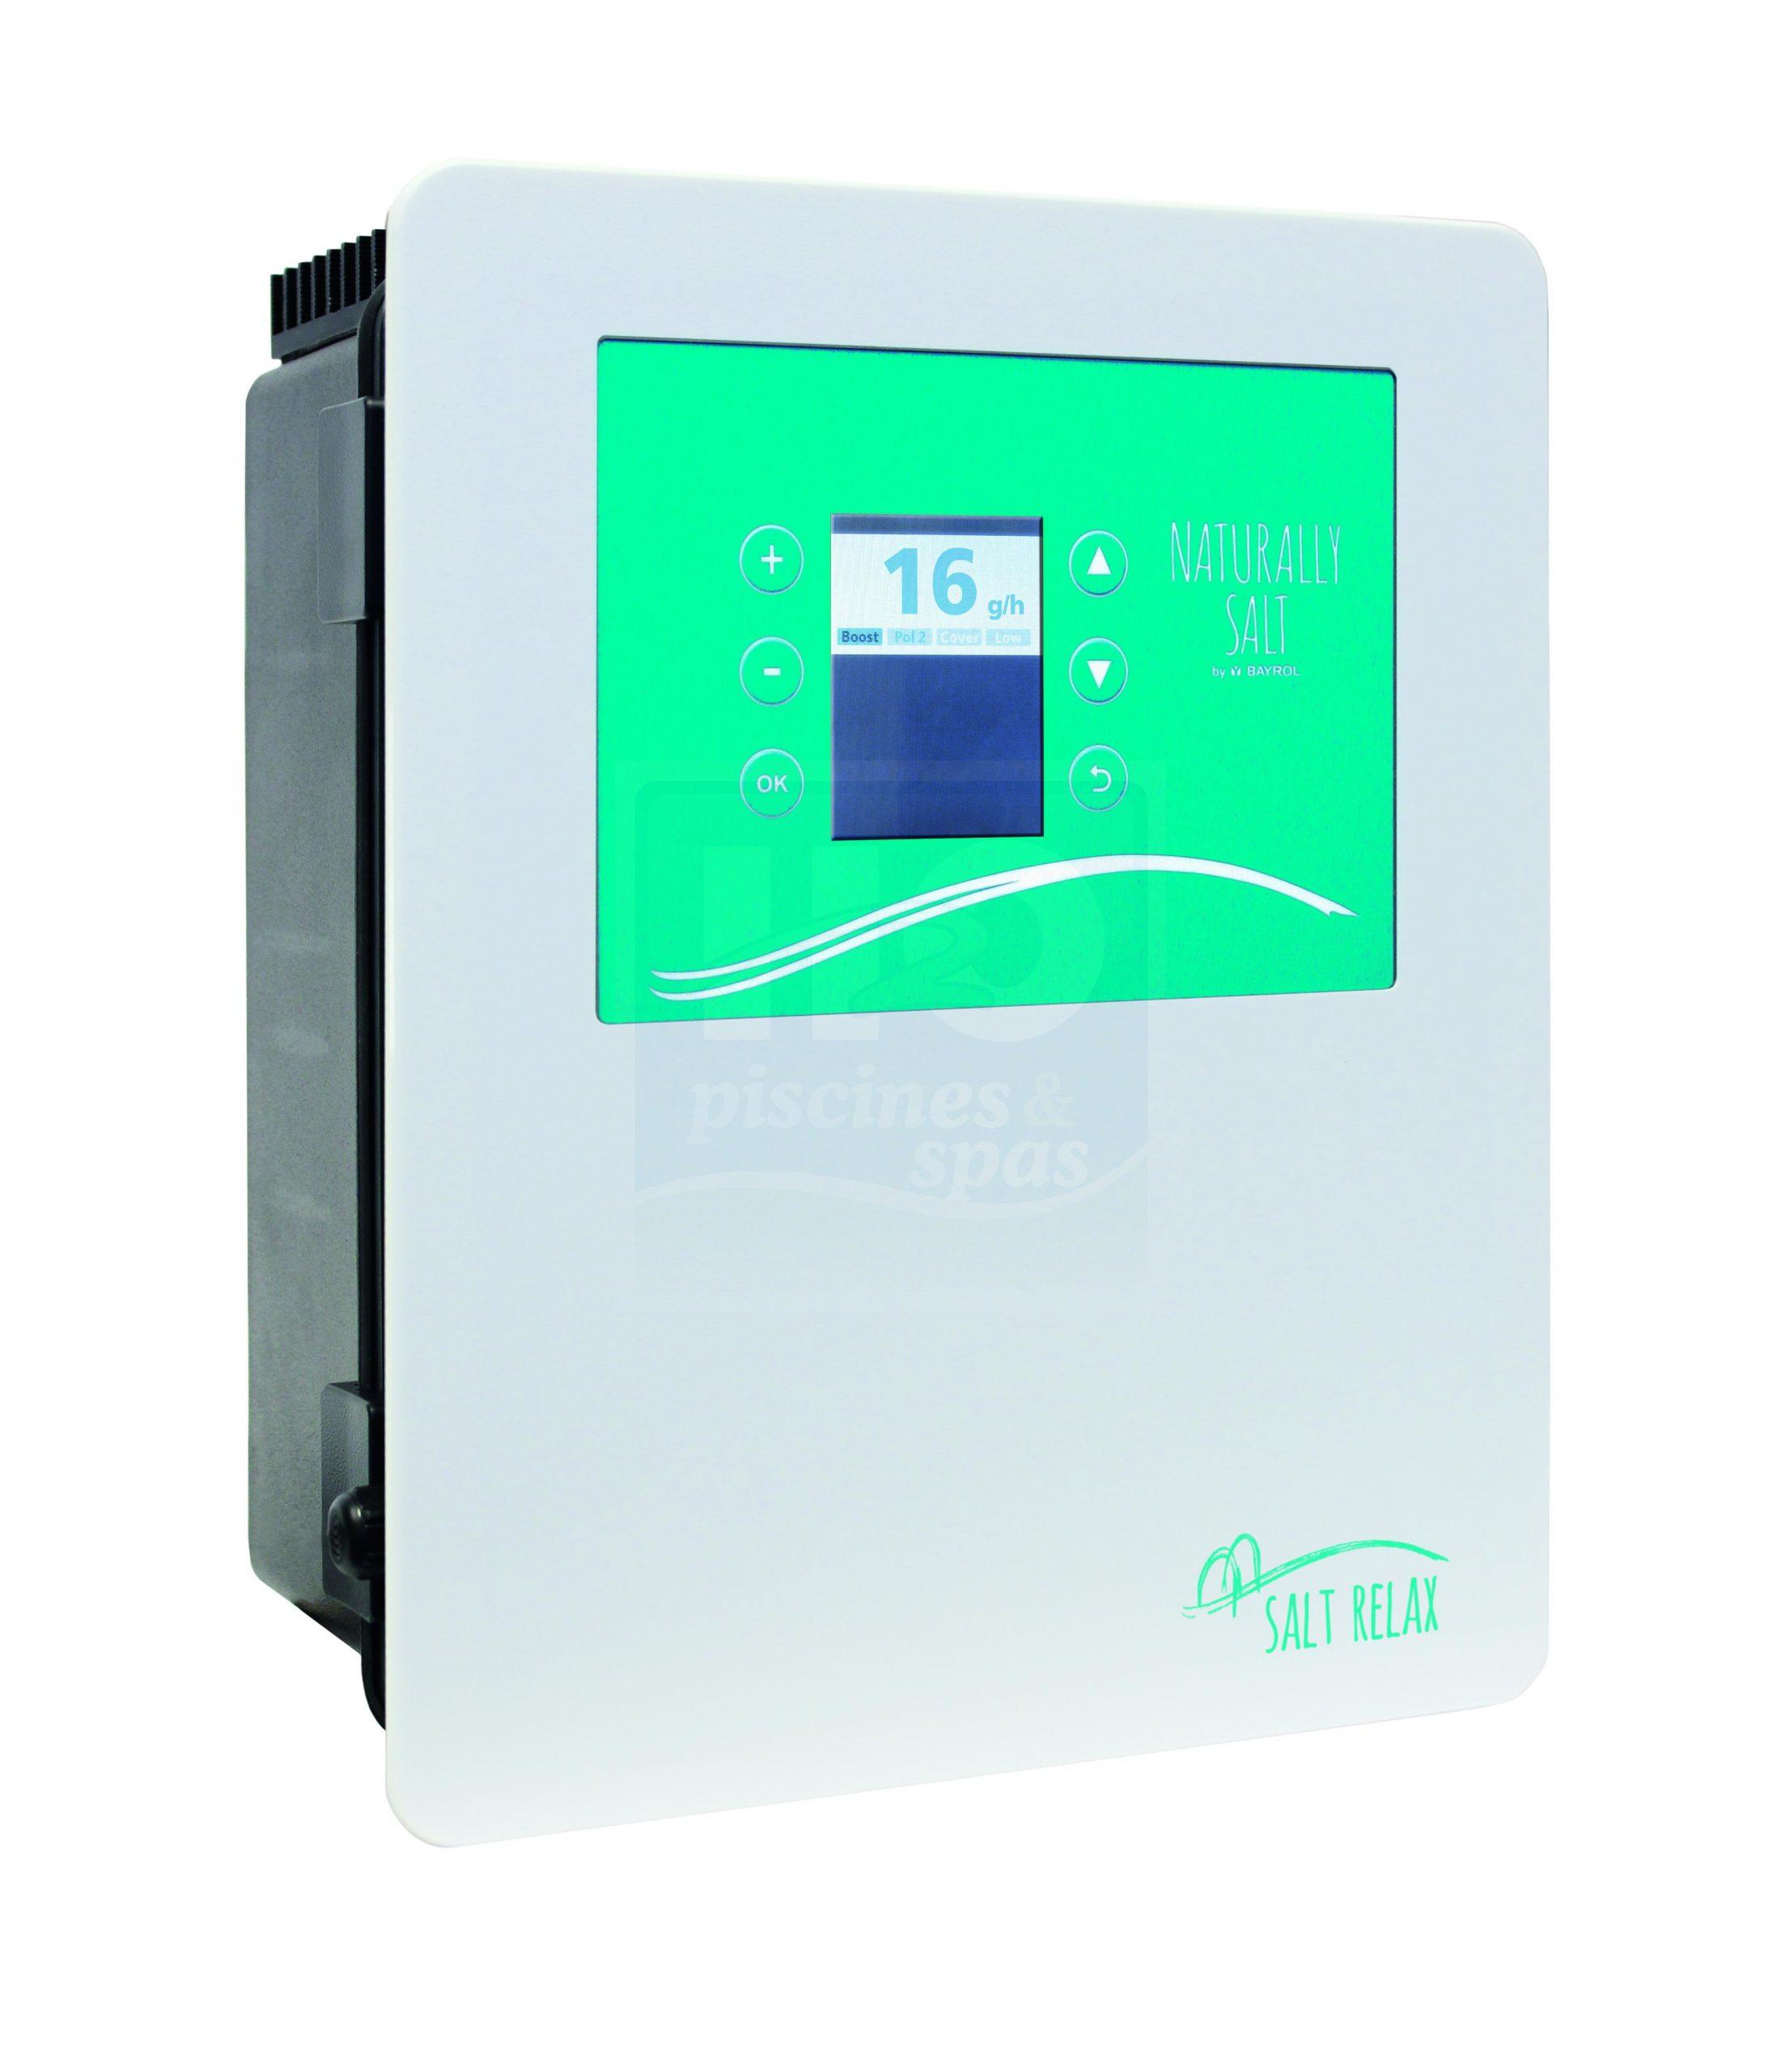 Électrolyseur Au Sel Bayrol Salt Relax Pour Piscine Jusqu'à 70 M3 - H2O  Piscines & Spas intérieur Electrolyseur Sel Piscine